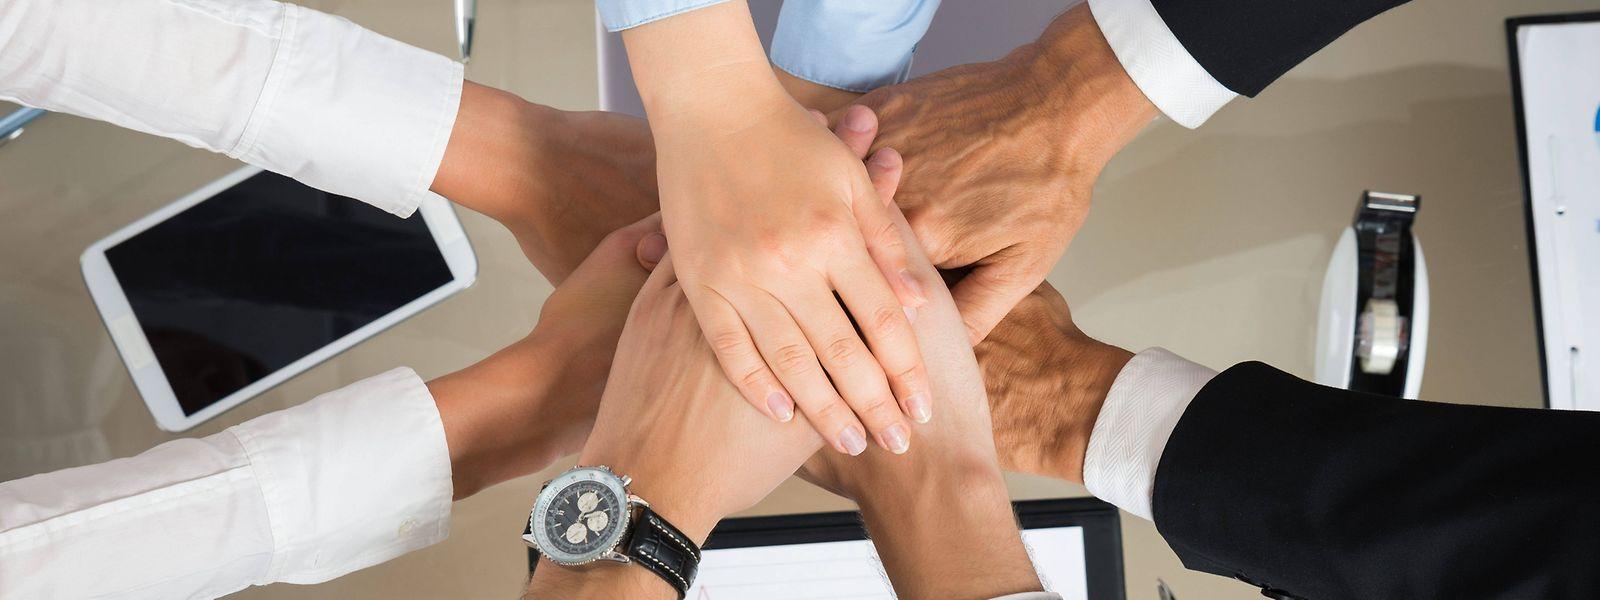 Ob unter Kollegen ein Teamgefühl entsteht, hängt von vielen Faktoren ab.